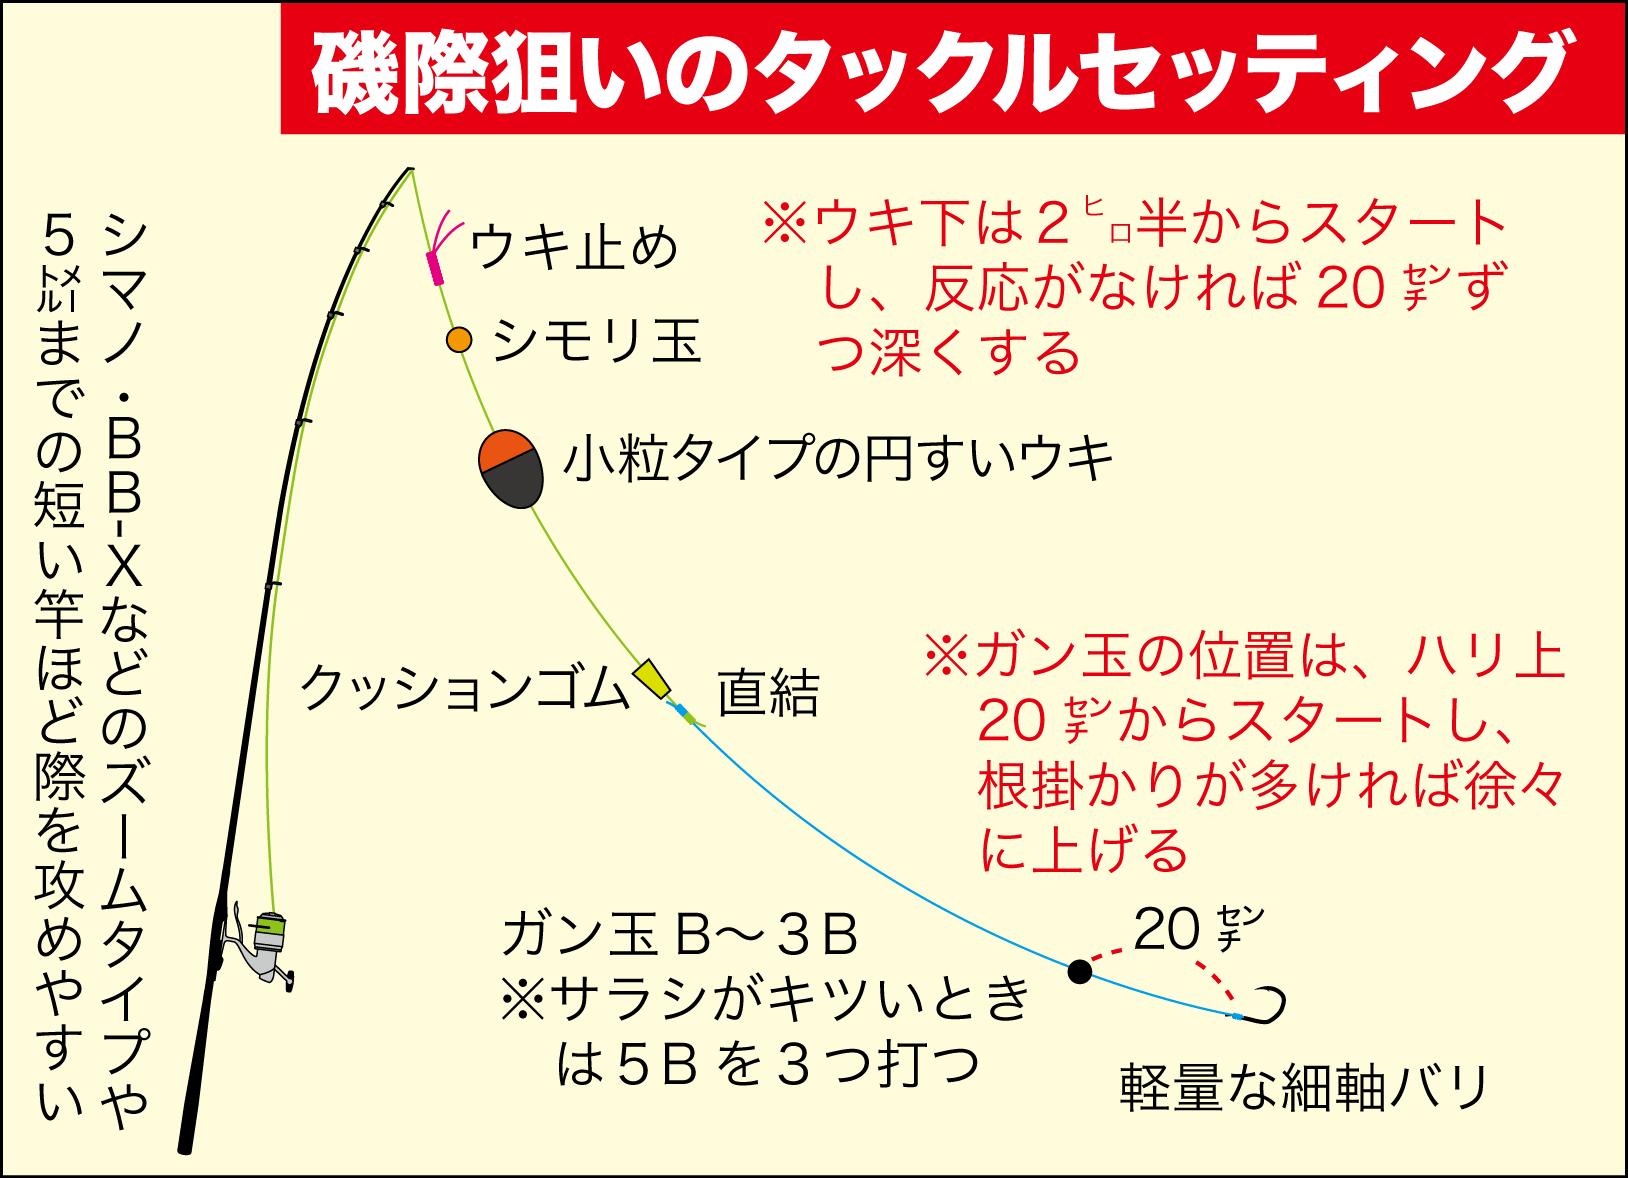 グレ常勝トーナメント思考8-4